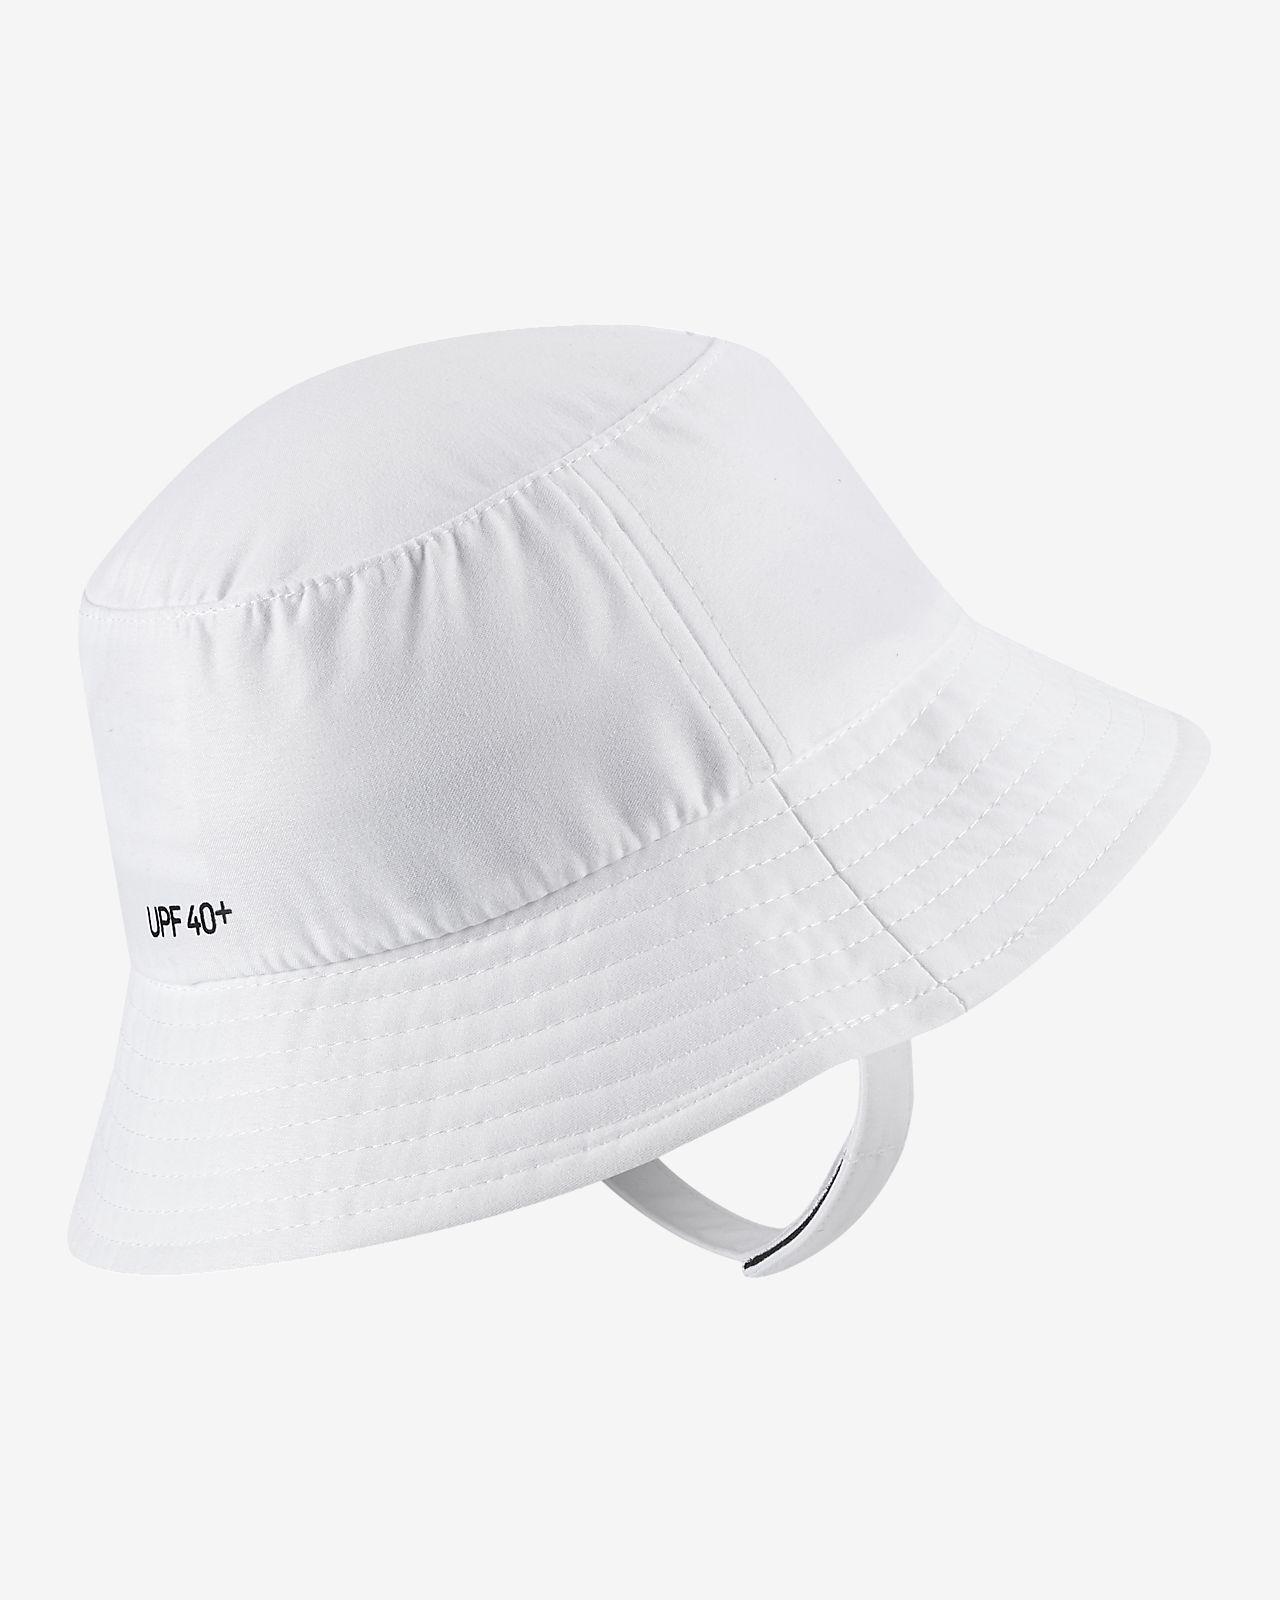 2caf3b554b5 Nike Dri-FIT Baby (12-24M) Bucket Hat. Nike.com